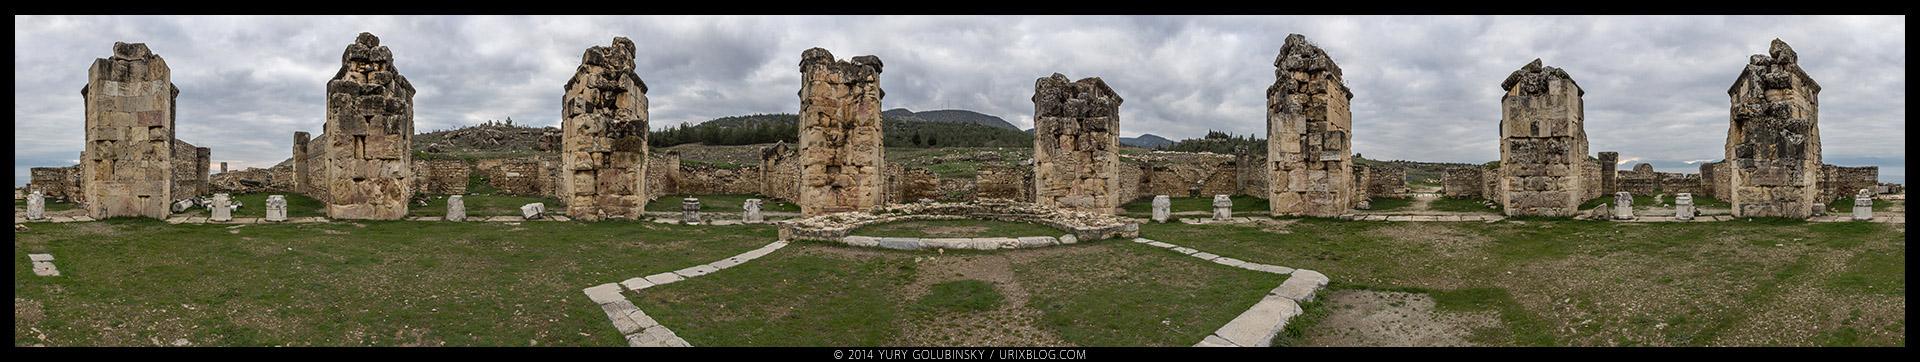 Иераполис, церковь, вечер, старинный, античный, восточный, римский, греческий, город, полис, руины, раскопки, византия, империя, Дэнизли, Турция, панорама, 2014